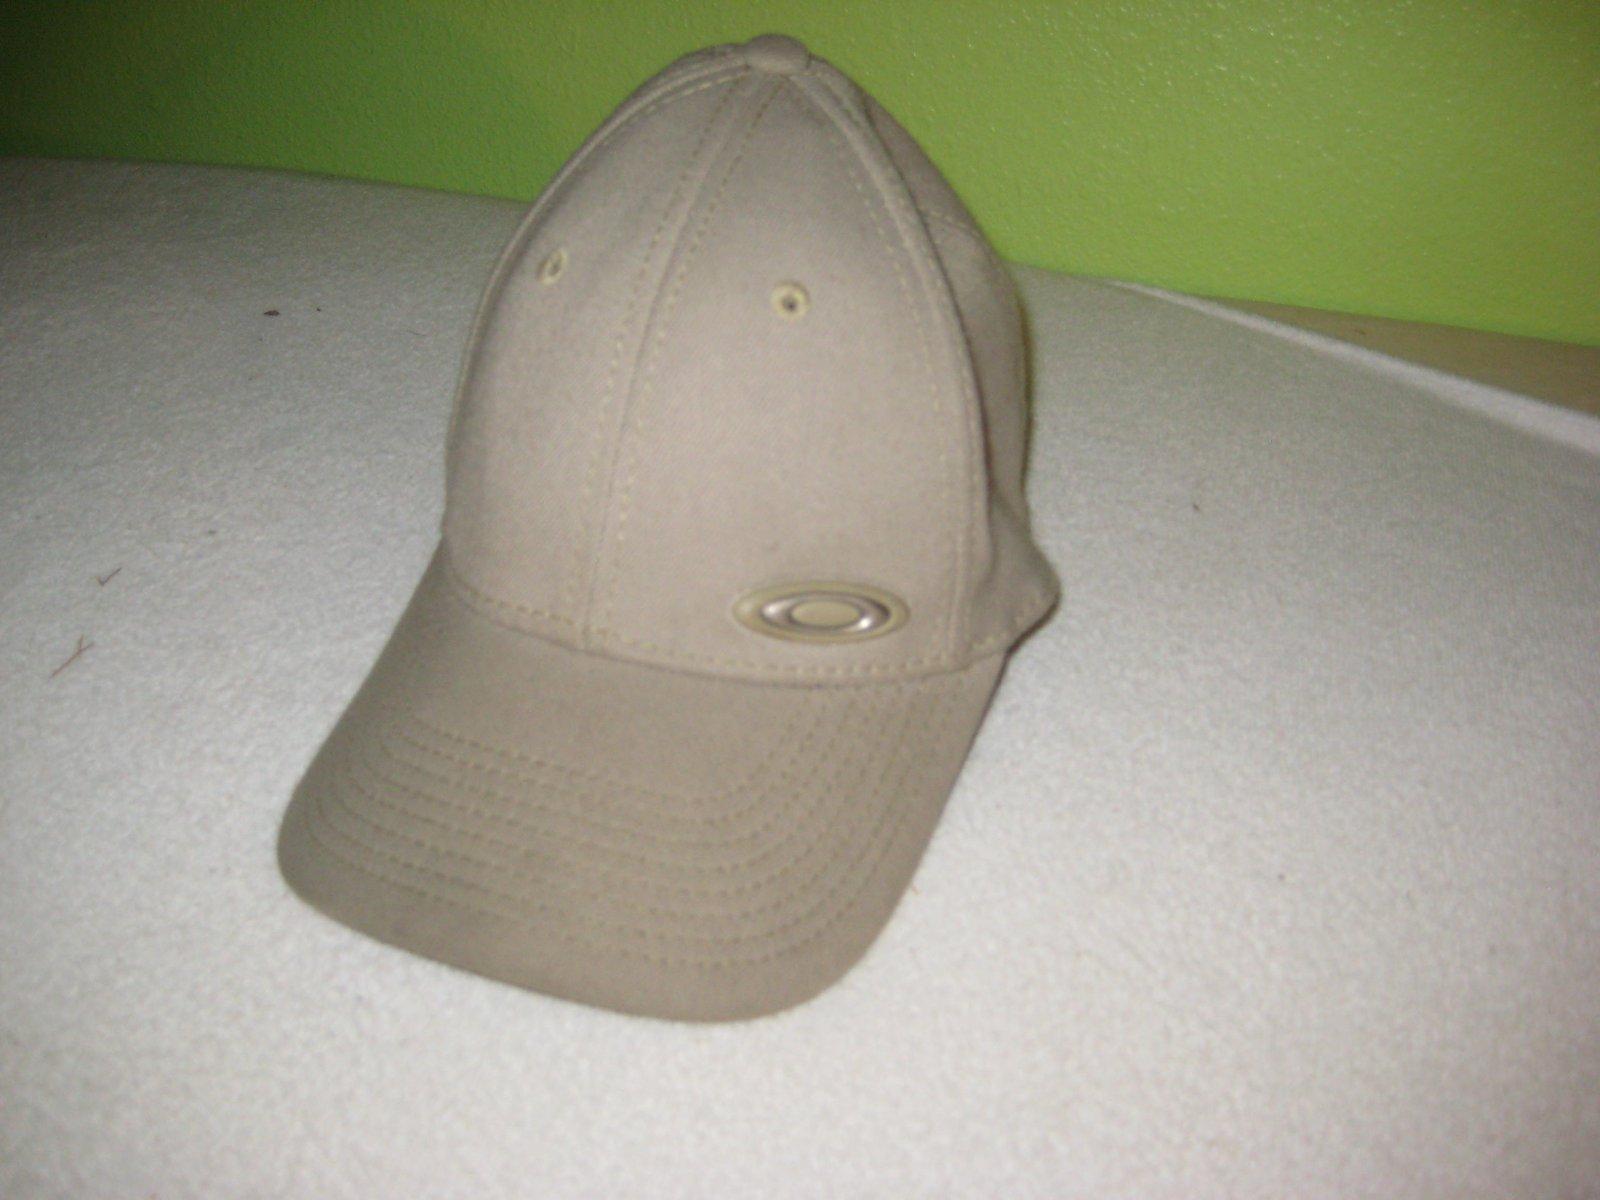 Old oakley hat